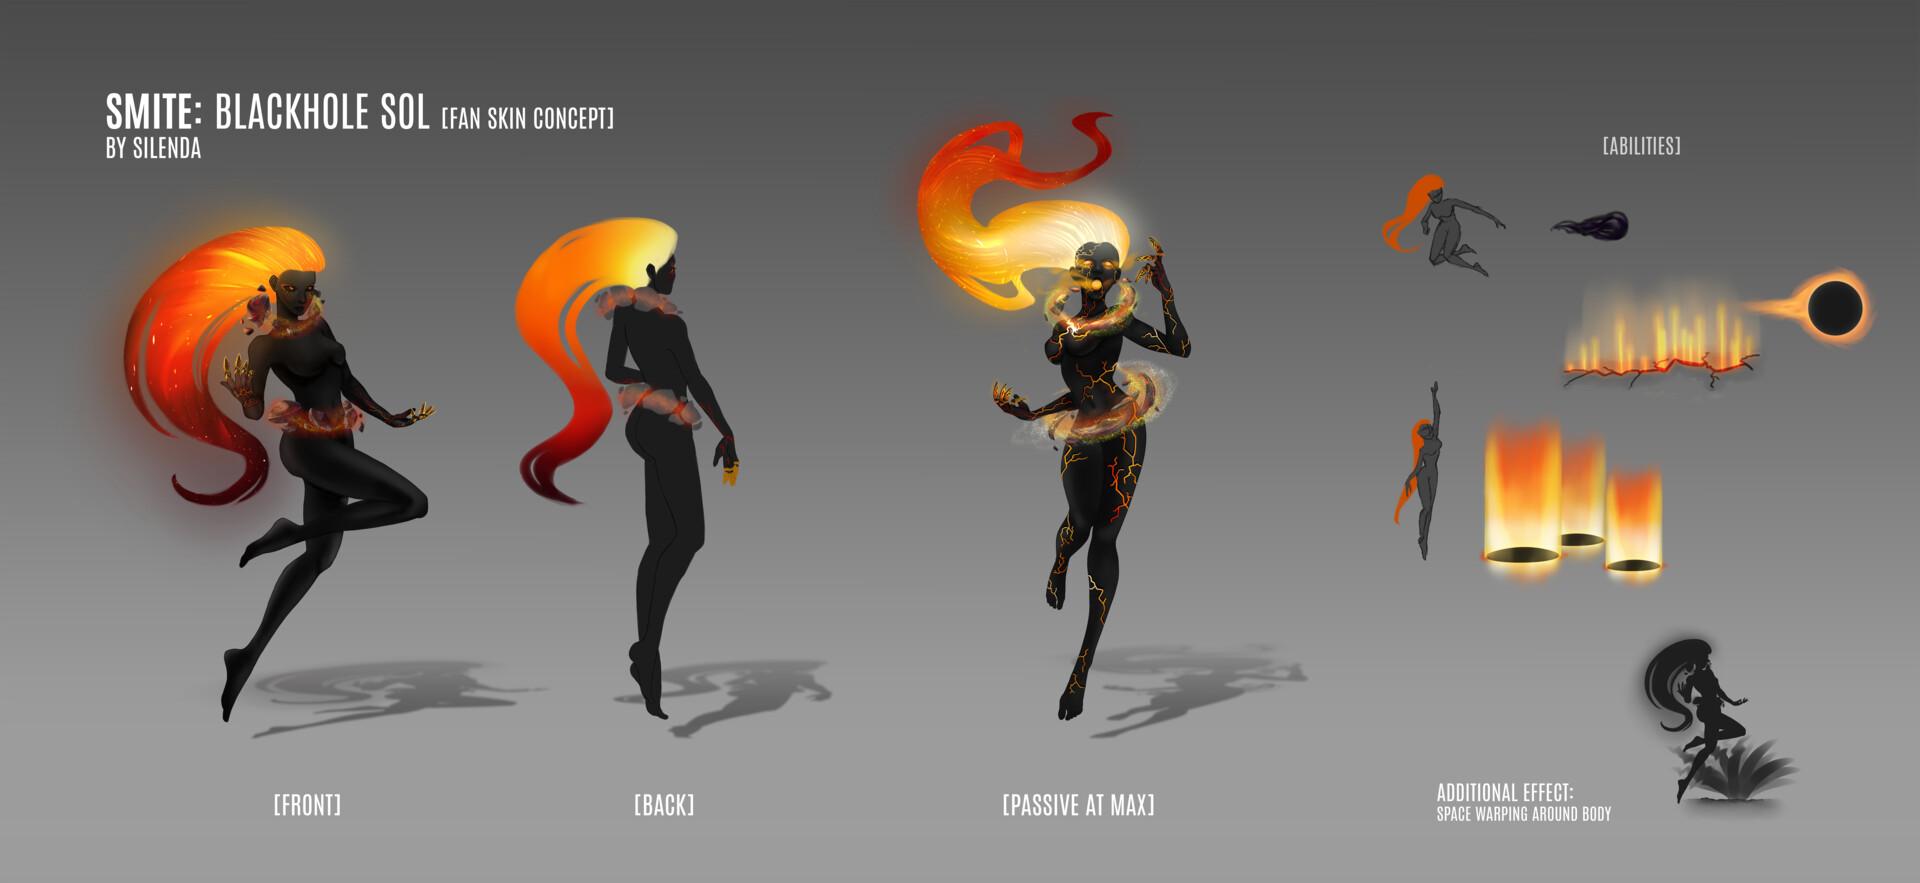 Eszter Zolcsák - Smite: Blackhole Sol (Fan Skin Concept)